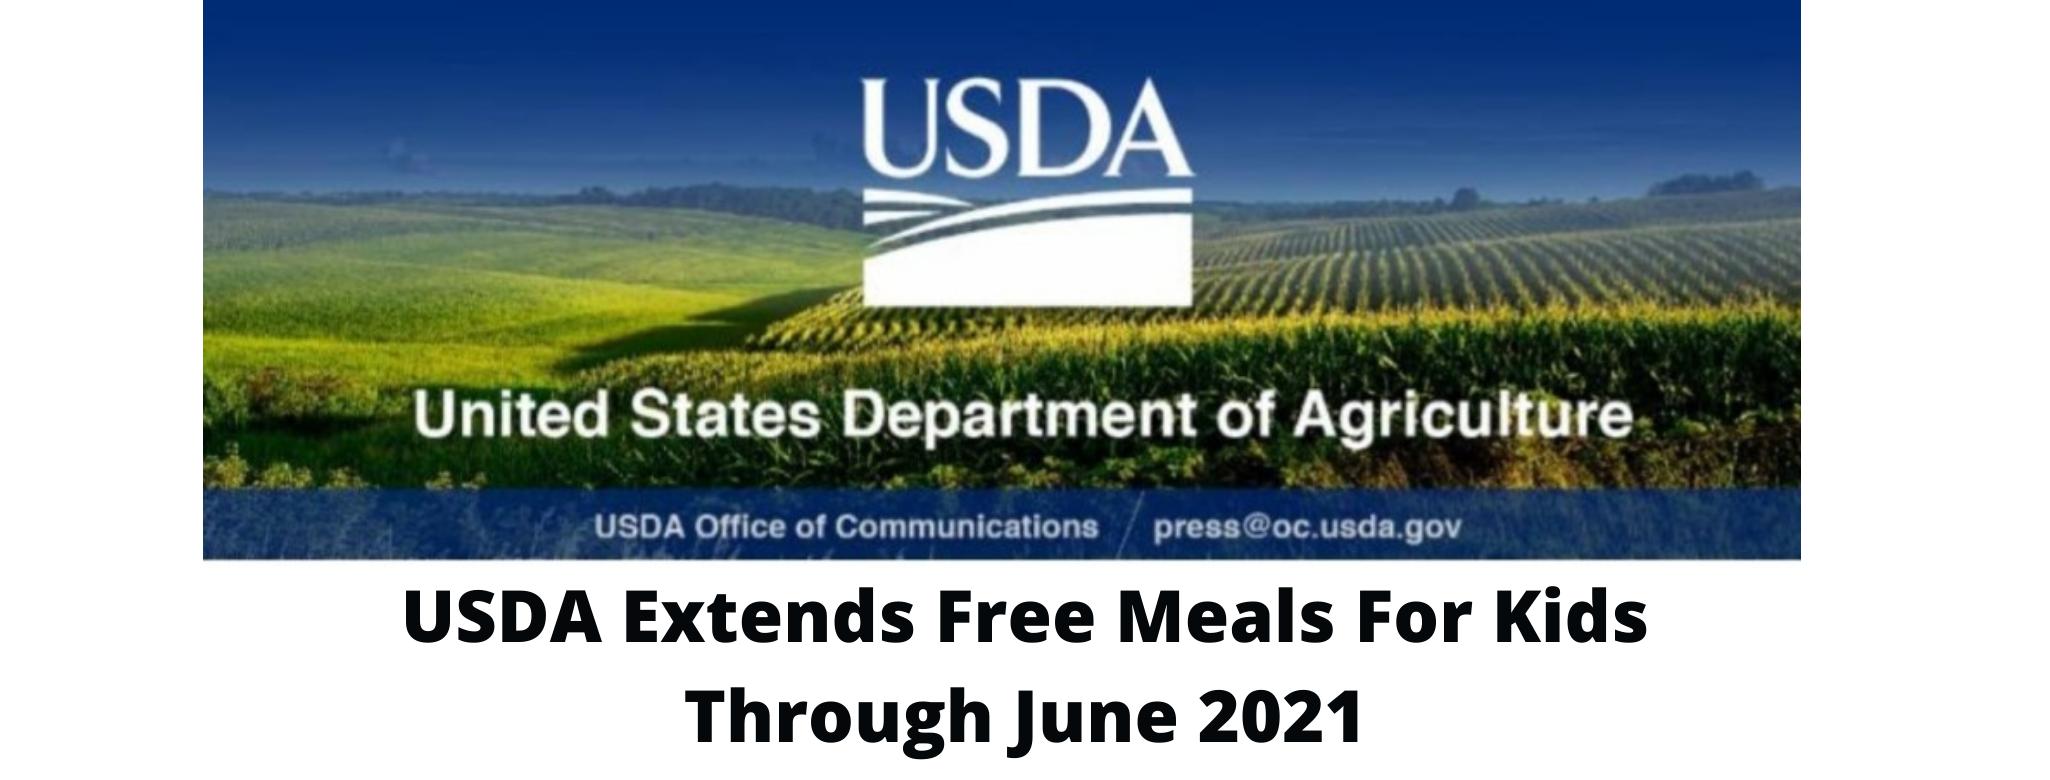 USDA Free Meals for Kids through 2021